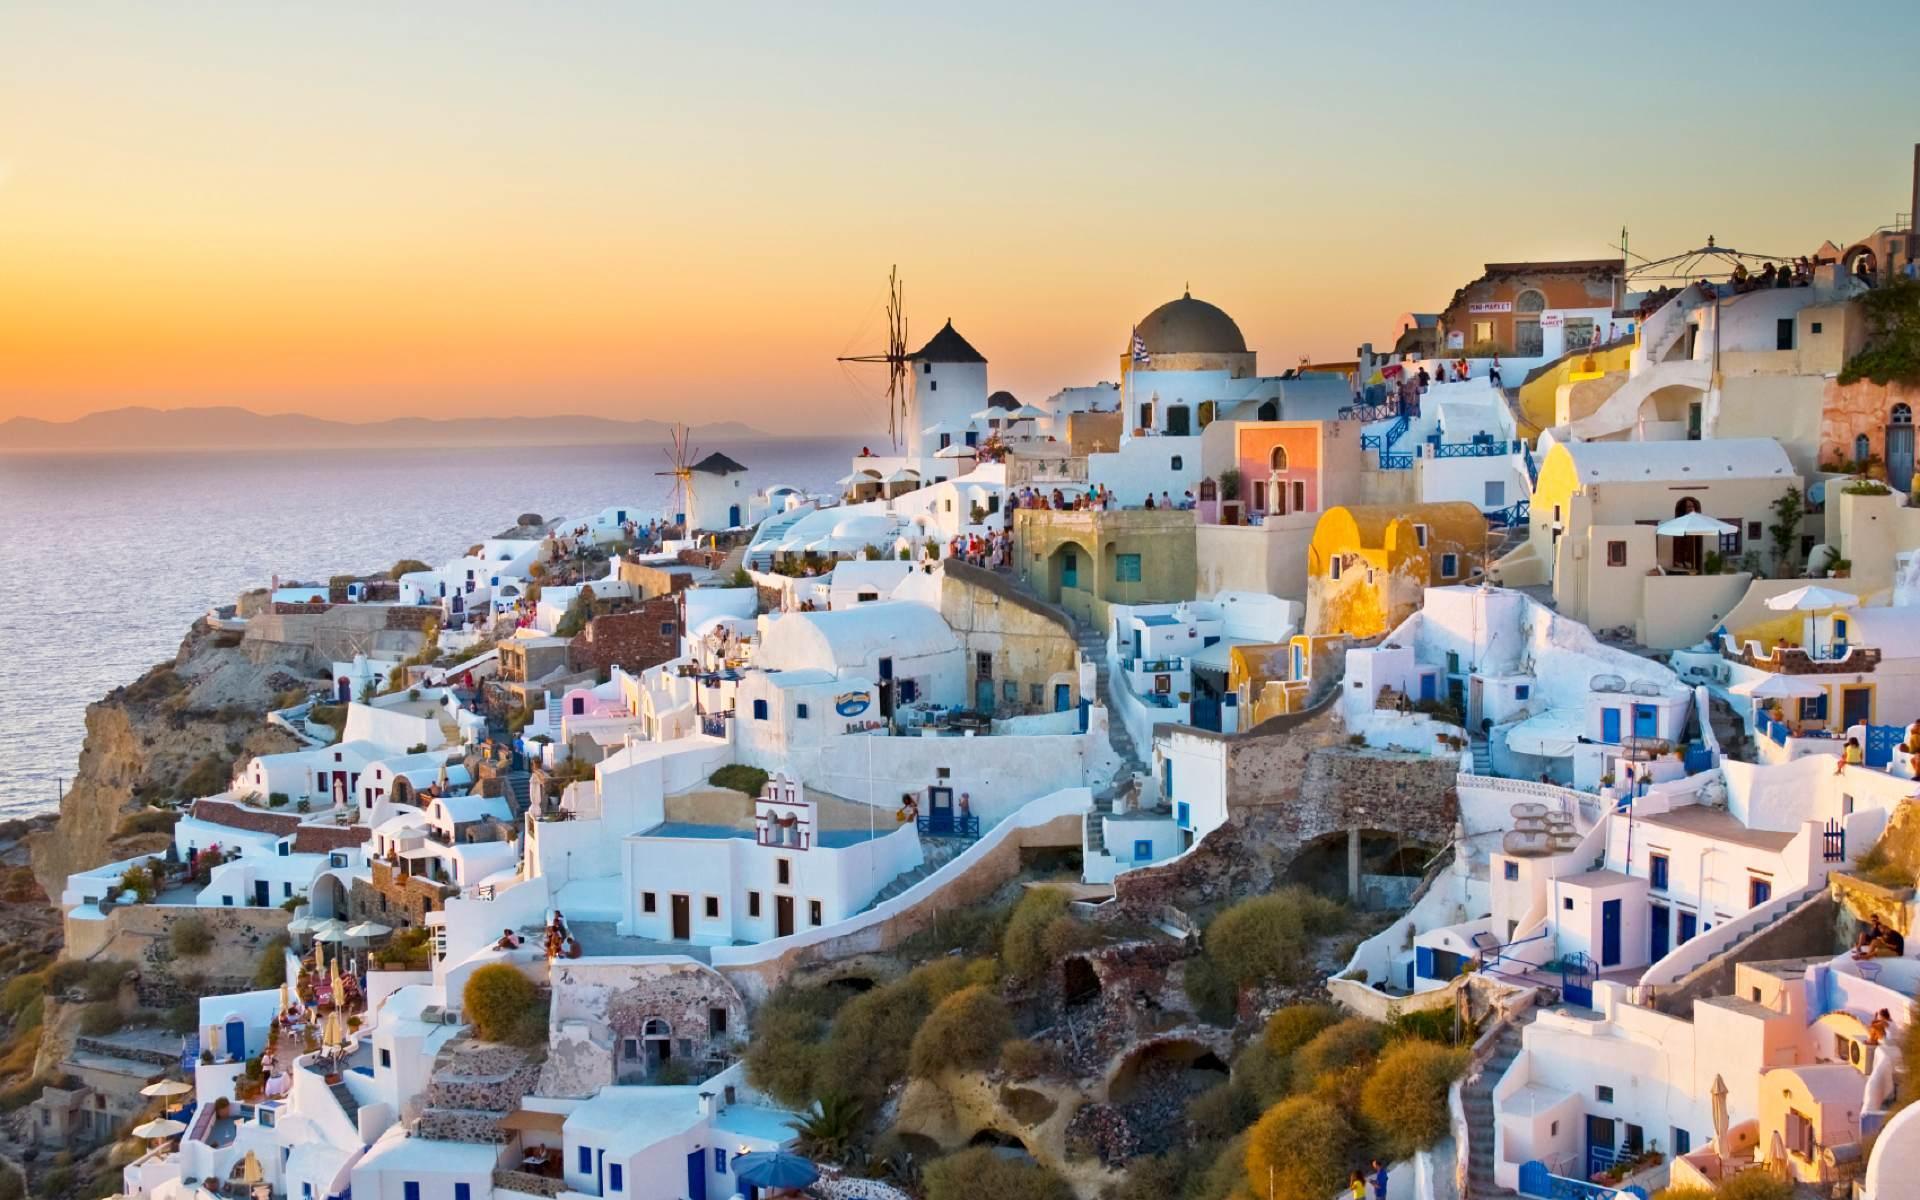 Insula romantismului şi insula distracţiei, la o oră de zbor